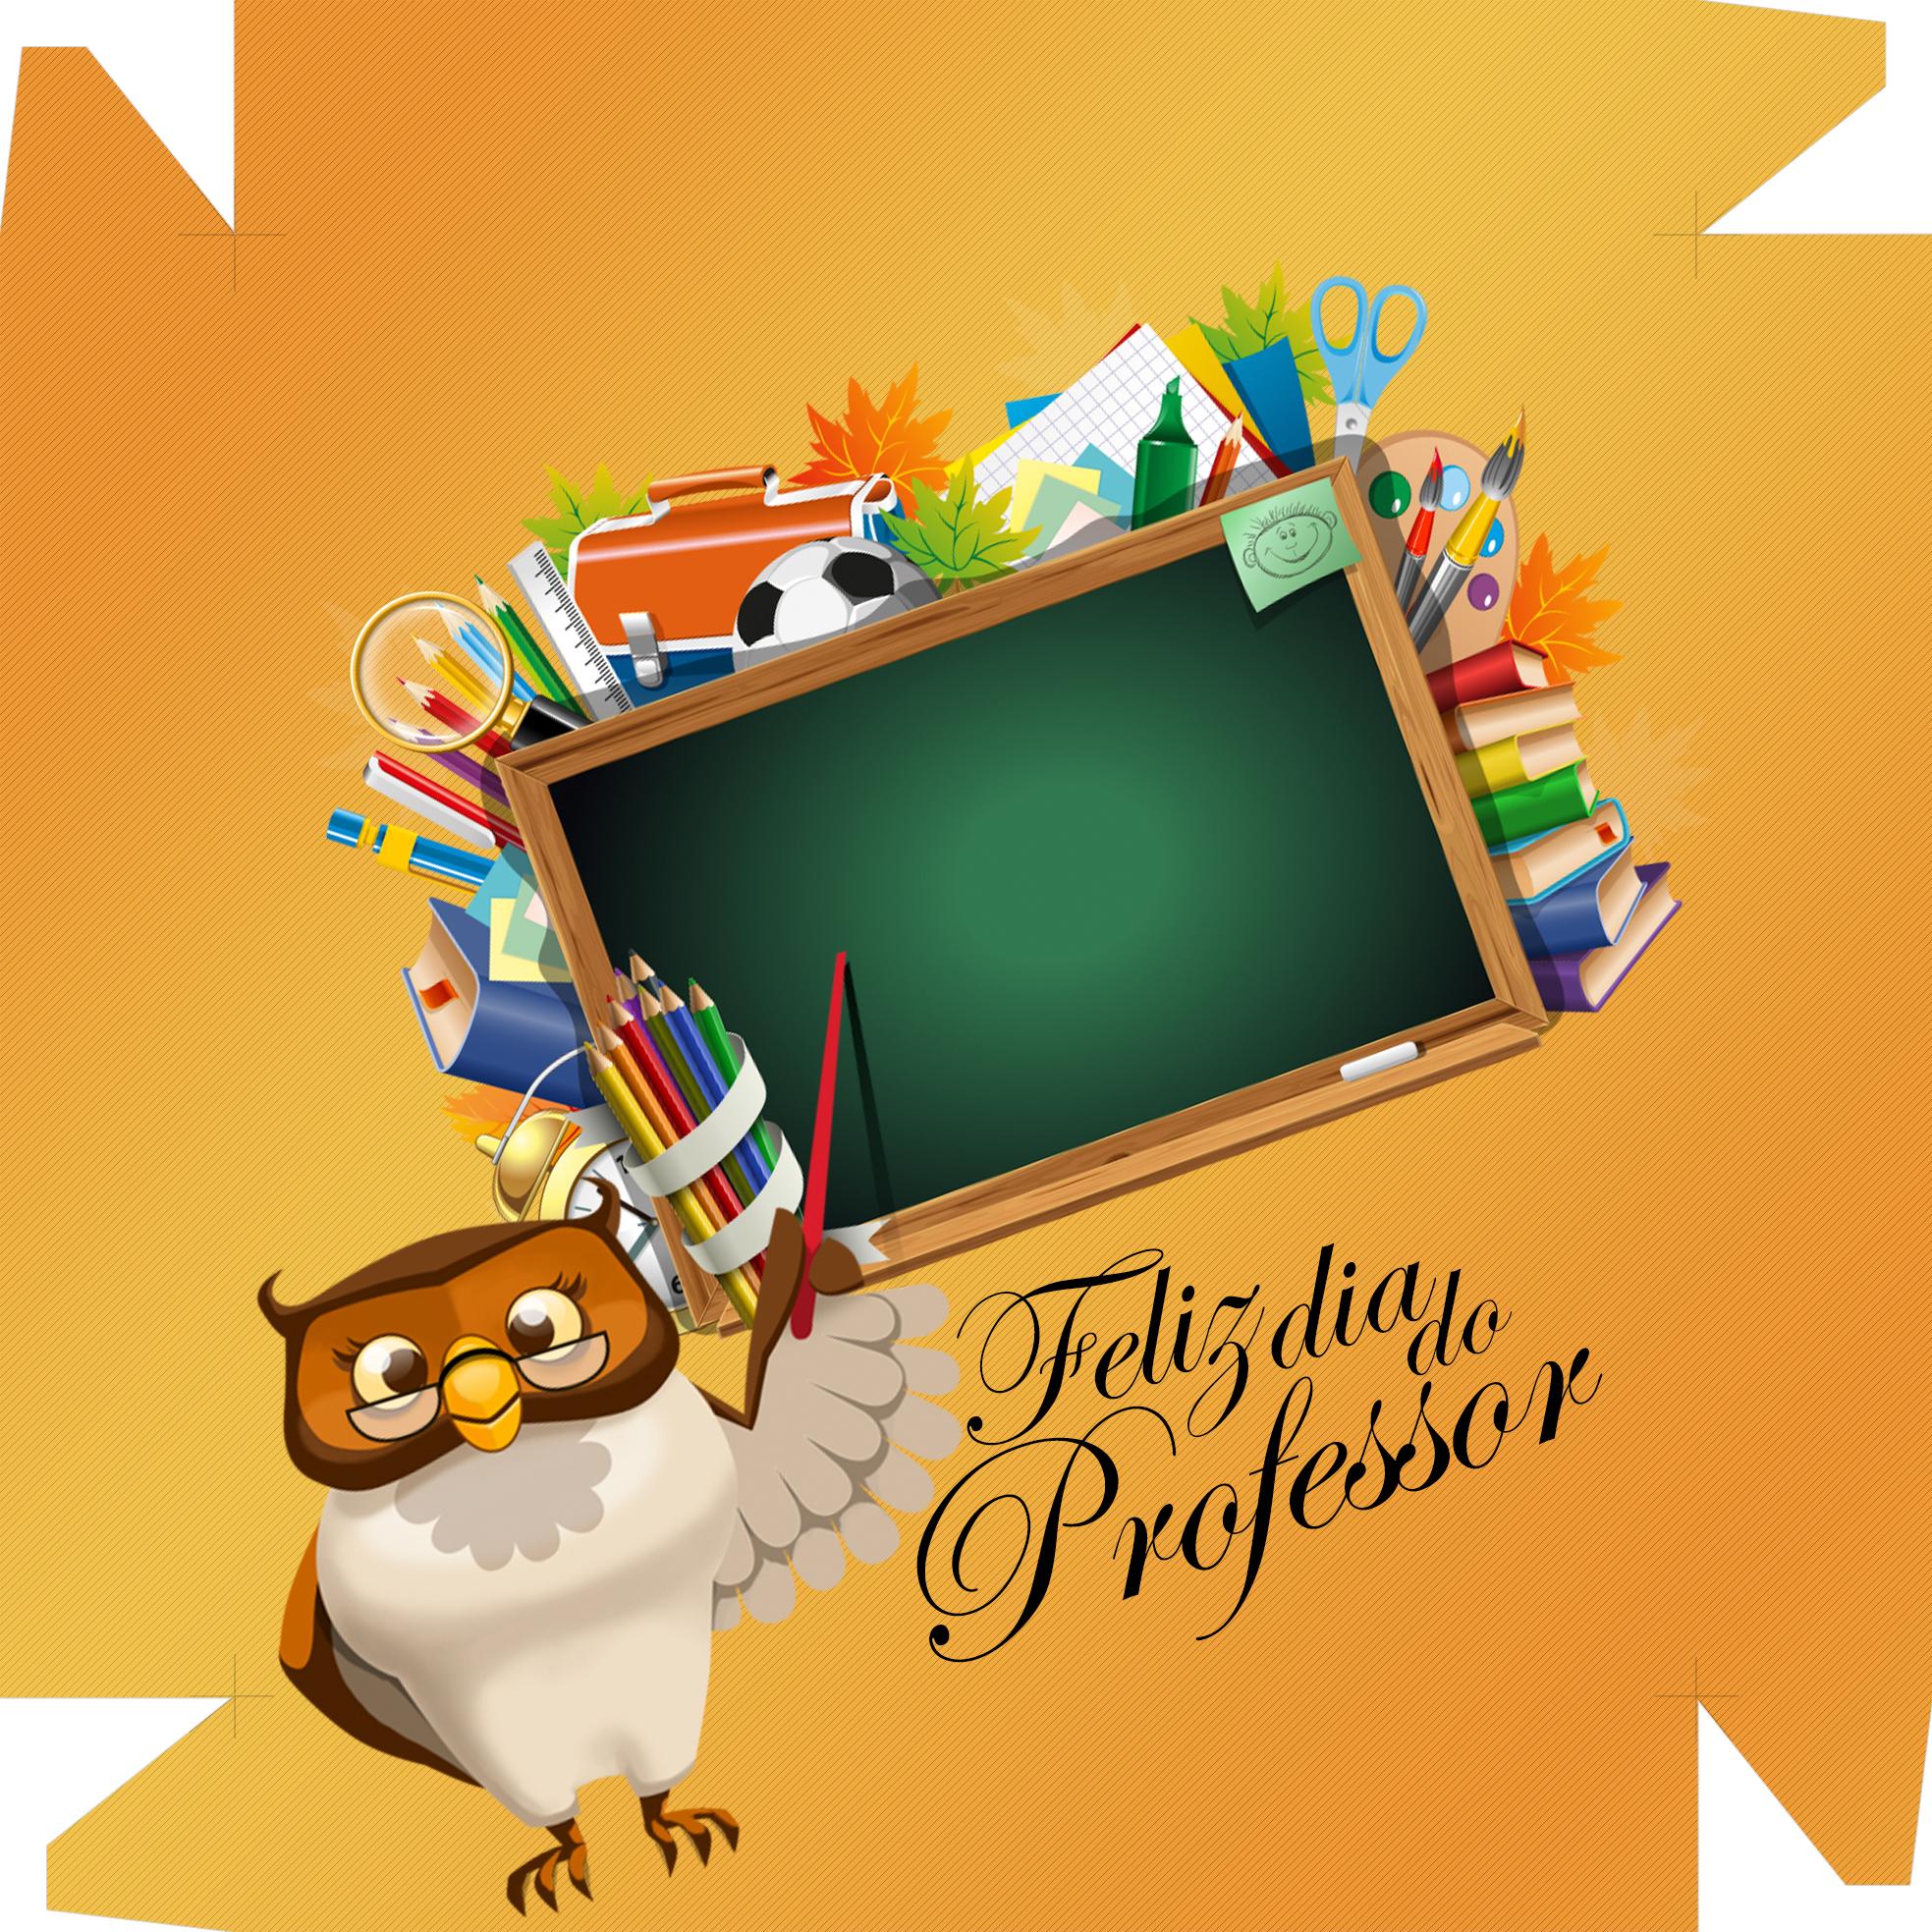 Caixa de Bombom Dia dos Professores Melhor Professor Coruja Maça Mensagens Laranja